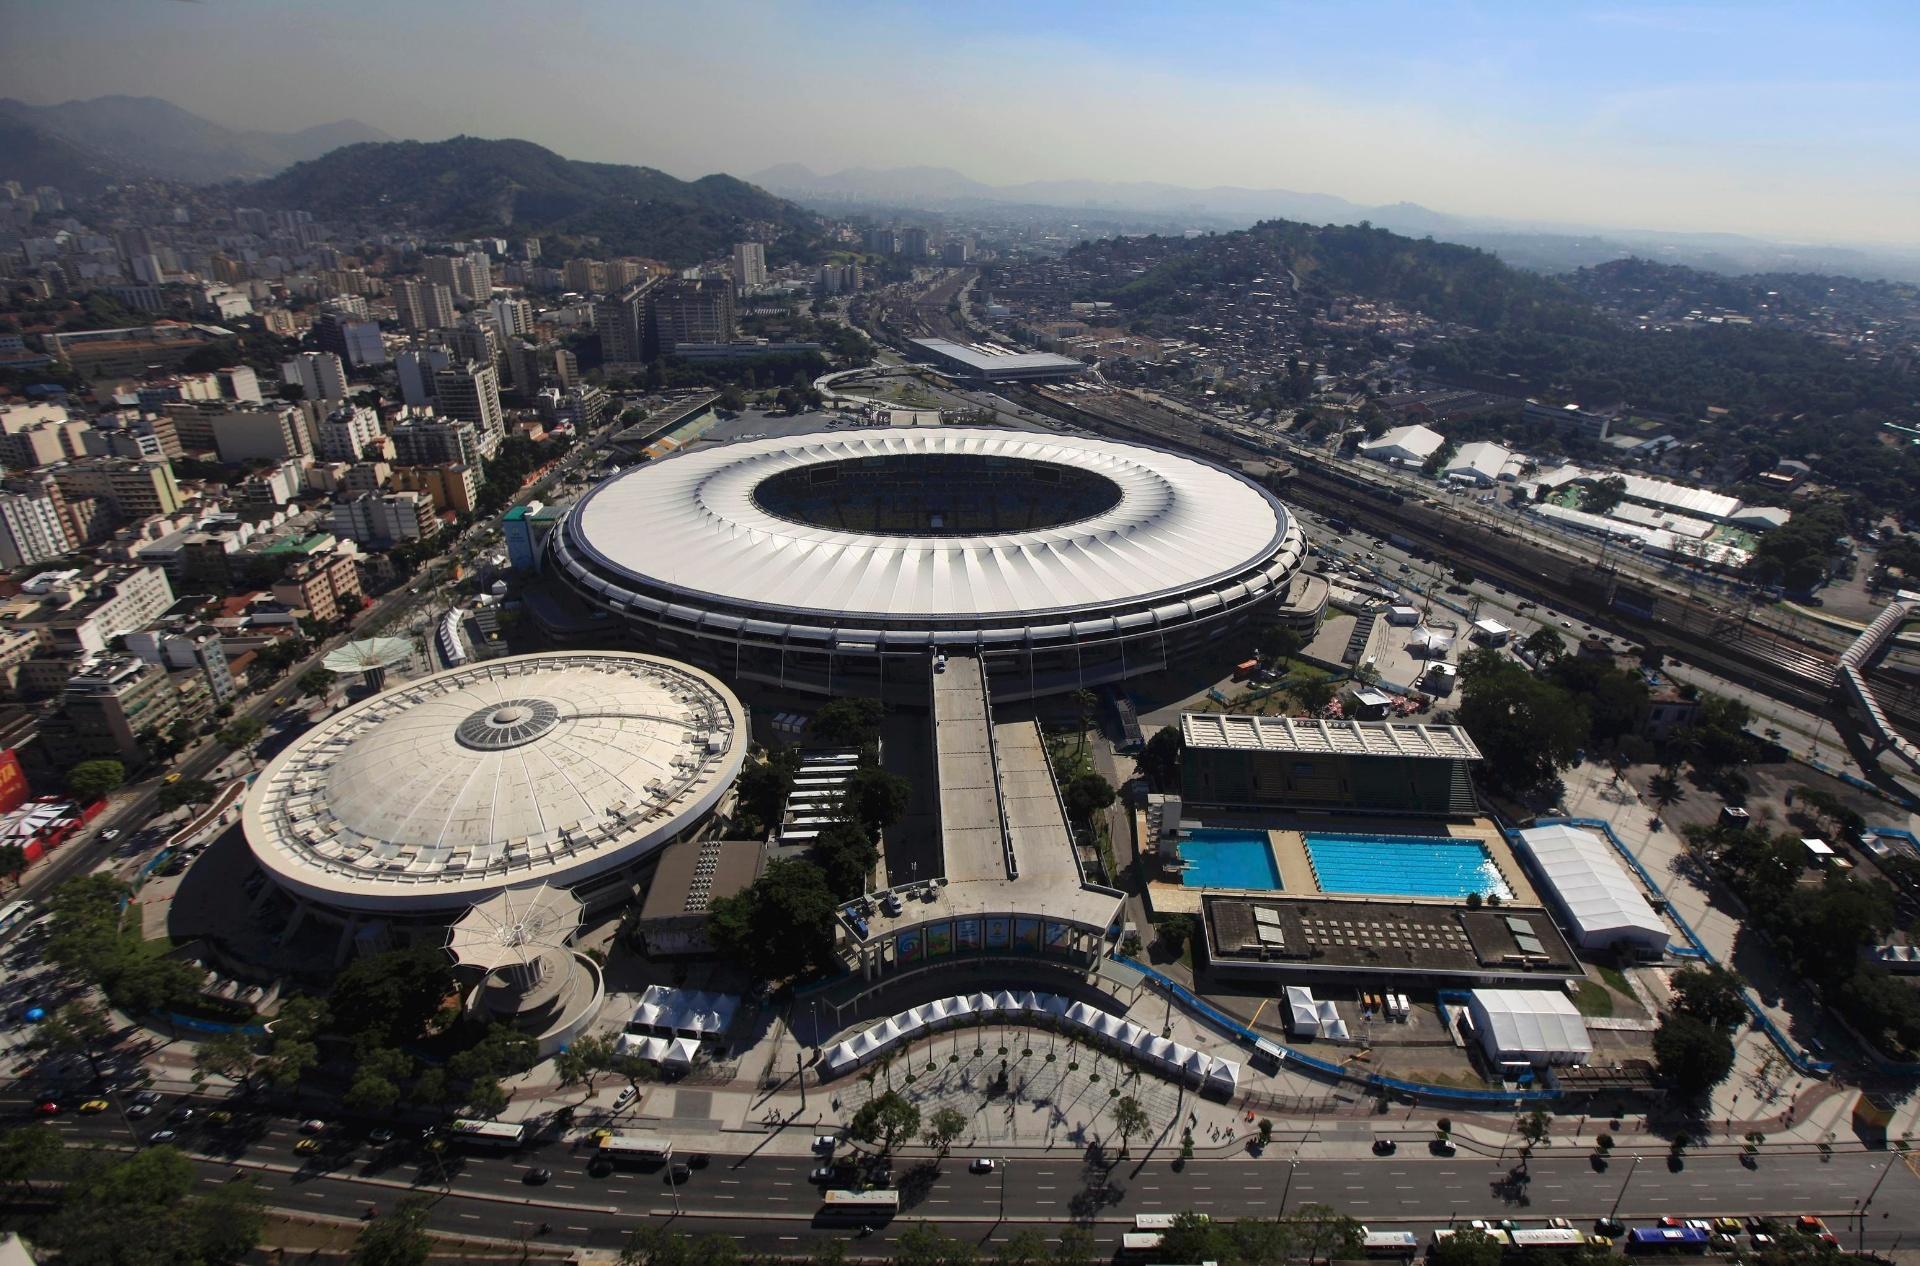 Rio de Janeiro - Visão aérea do Maracanã, palco da final da Copa do Mundo